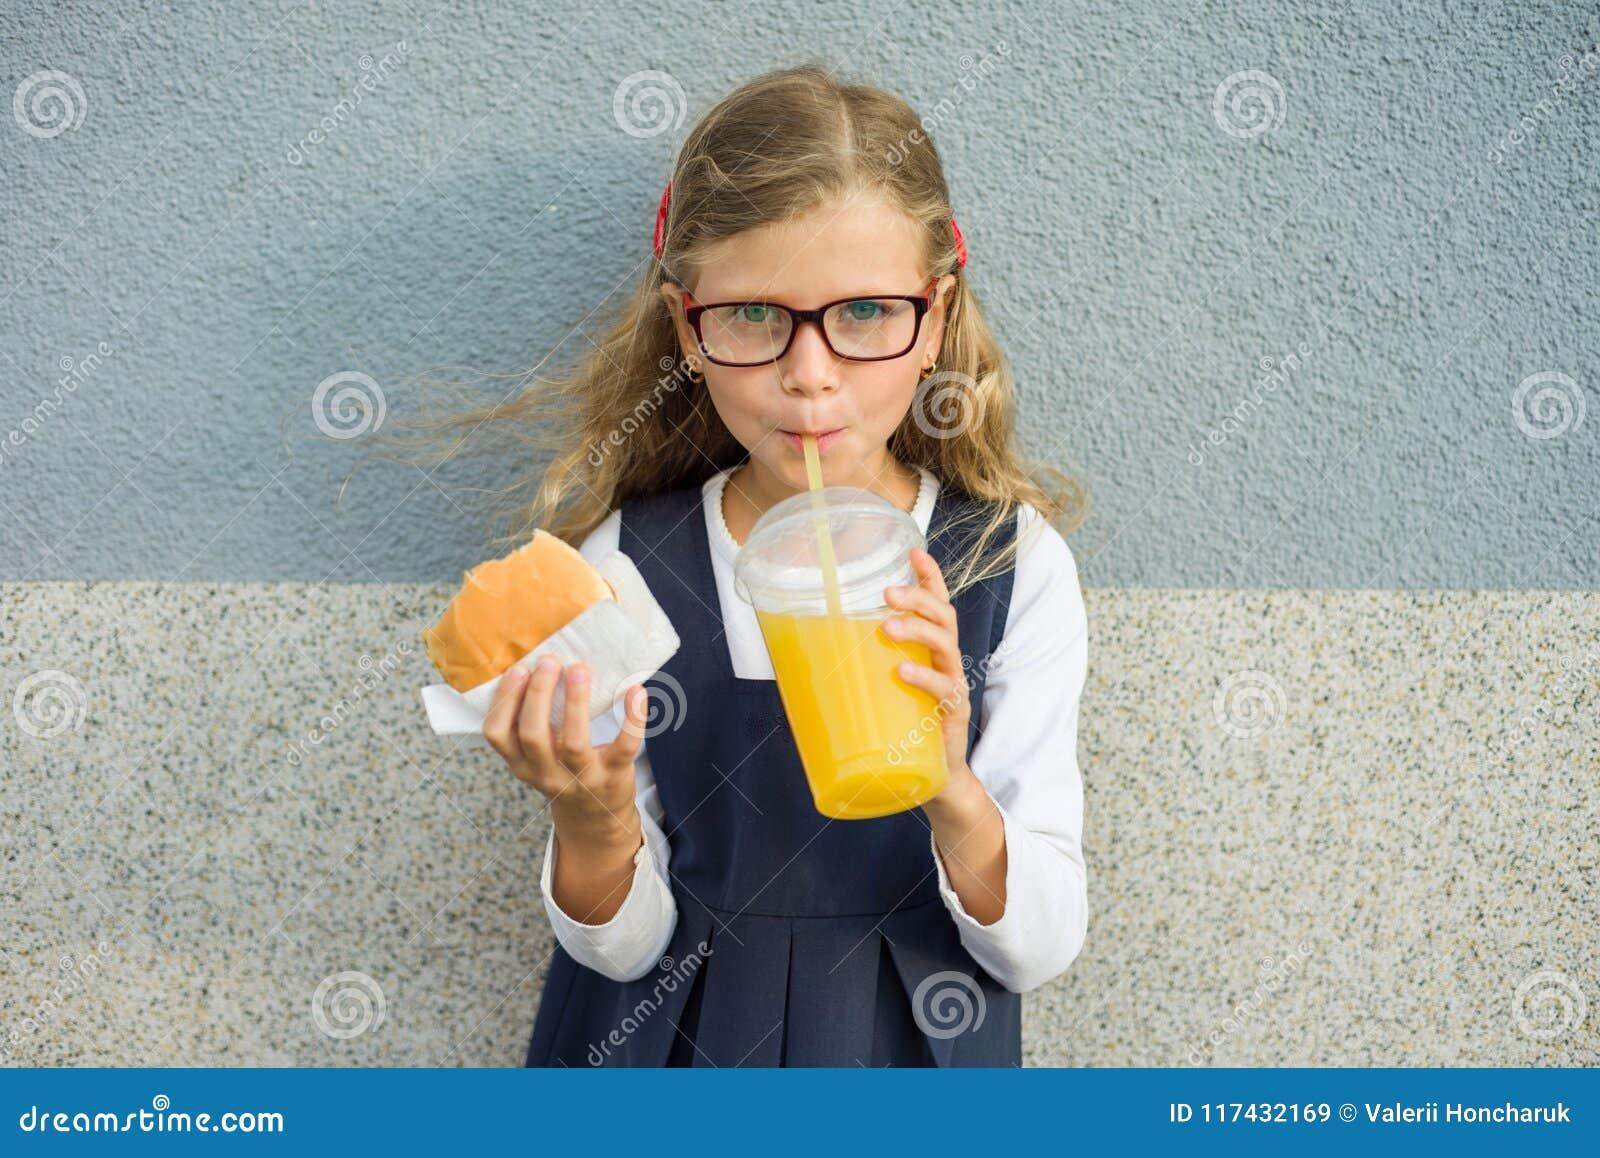 Porträt im Freien des Kindermädchens mit dem blonden gelockten Haar mit Gläsern Mädchen isst Sandwich und trinkt Orangensaft